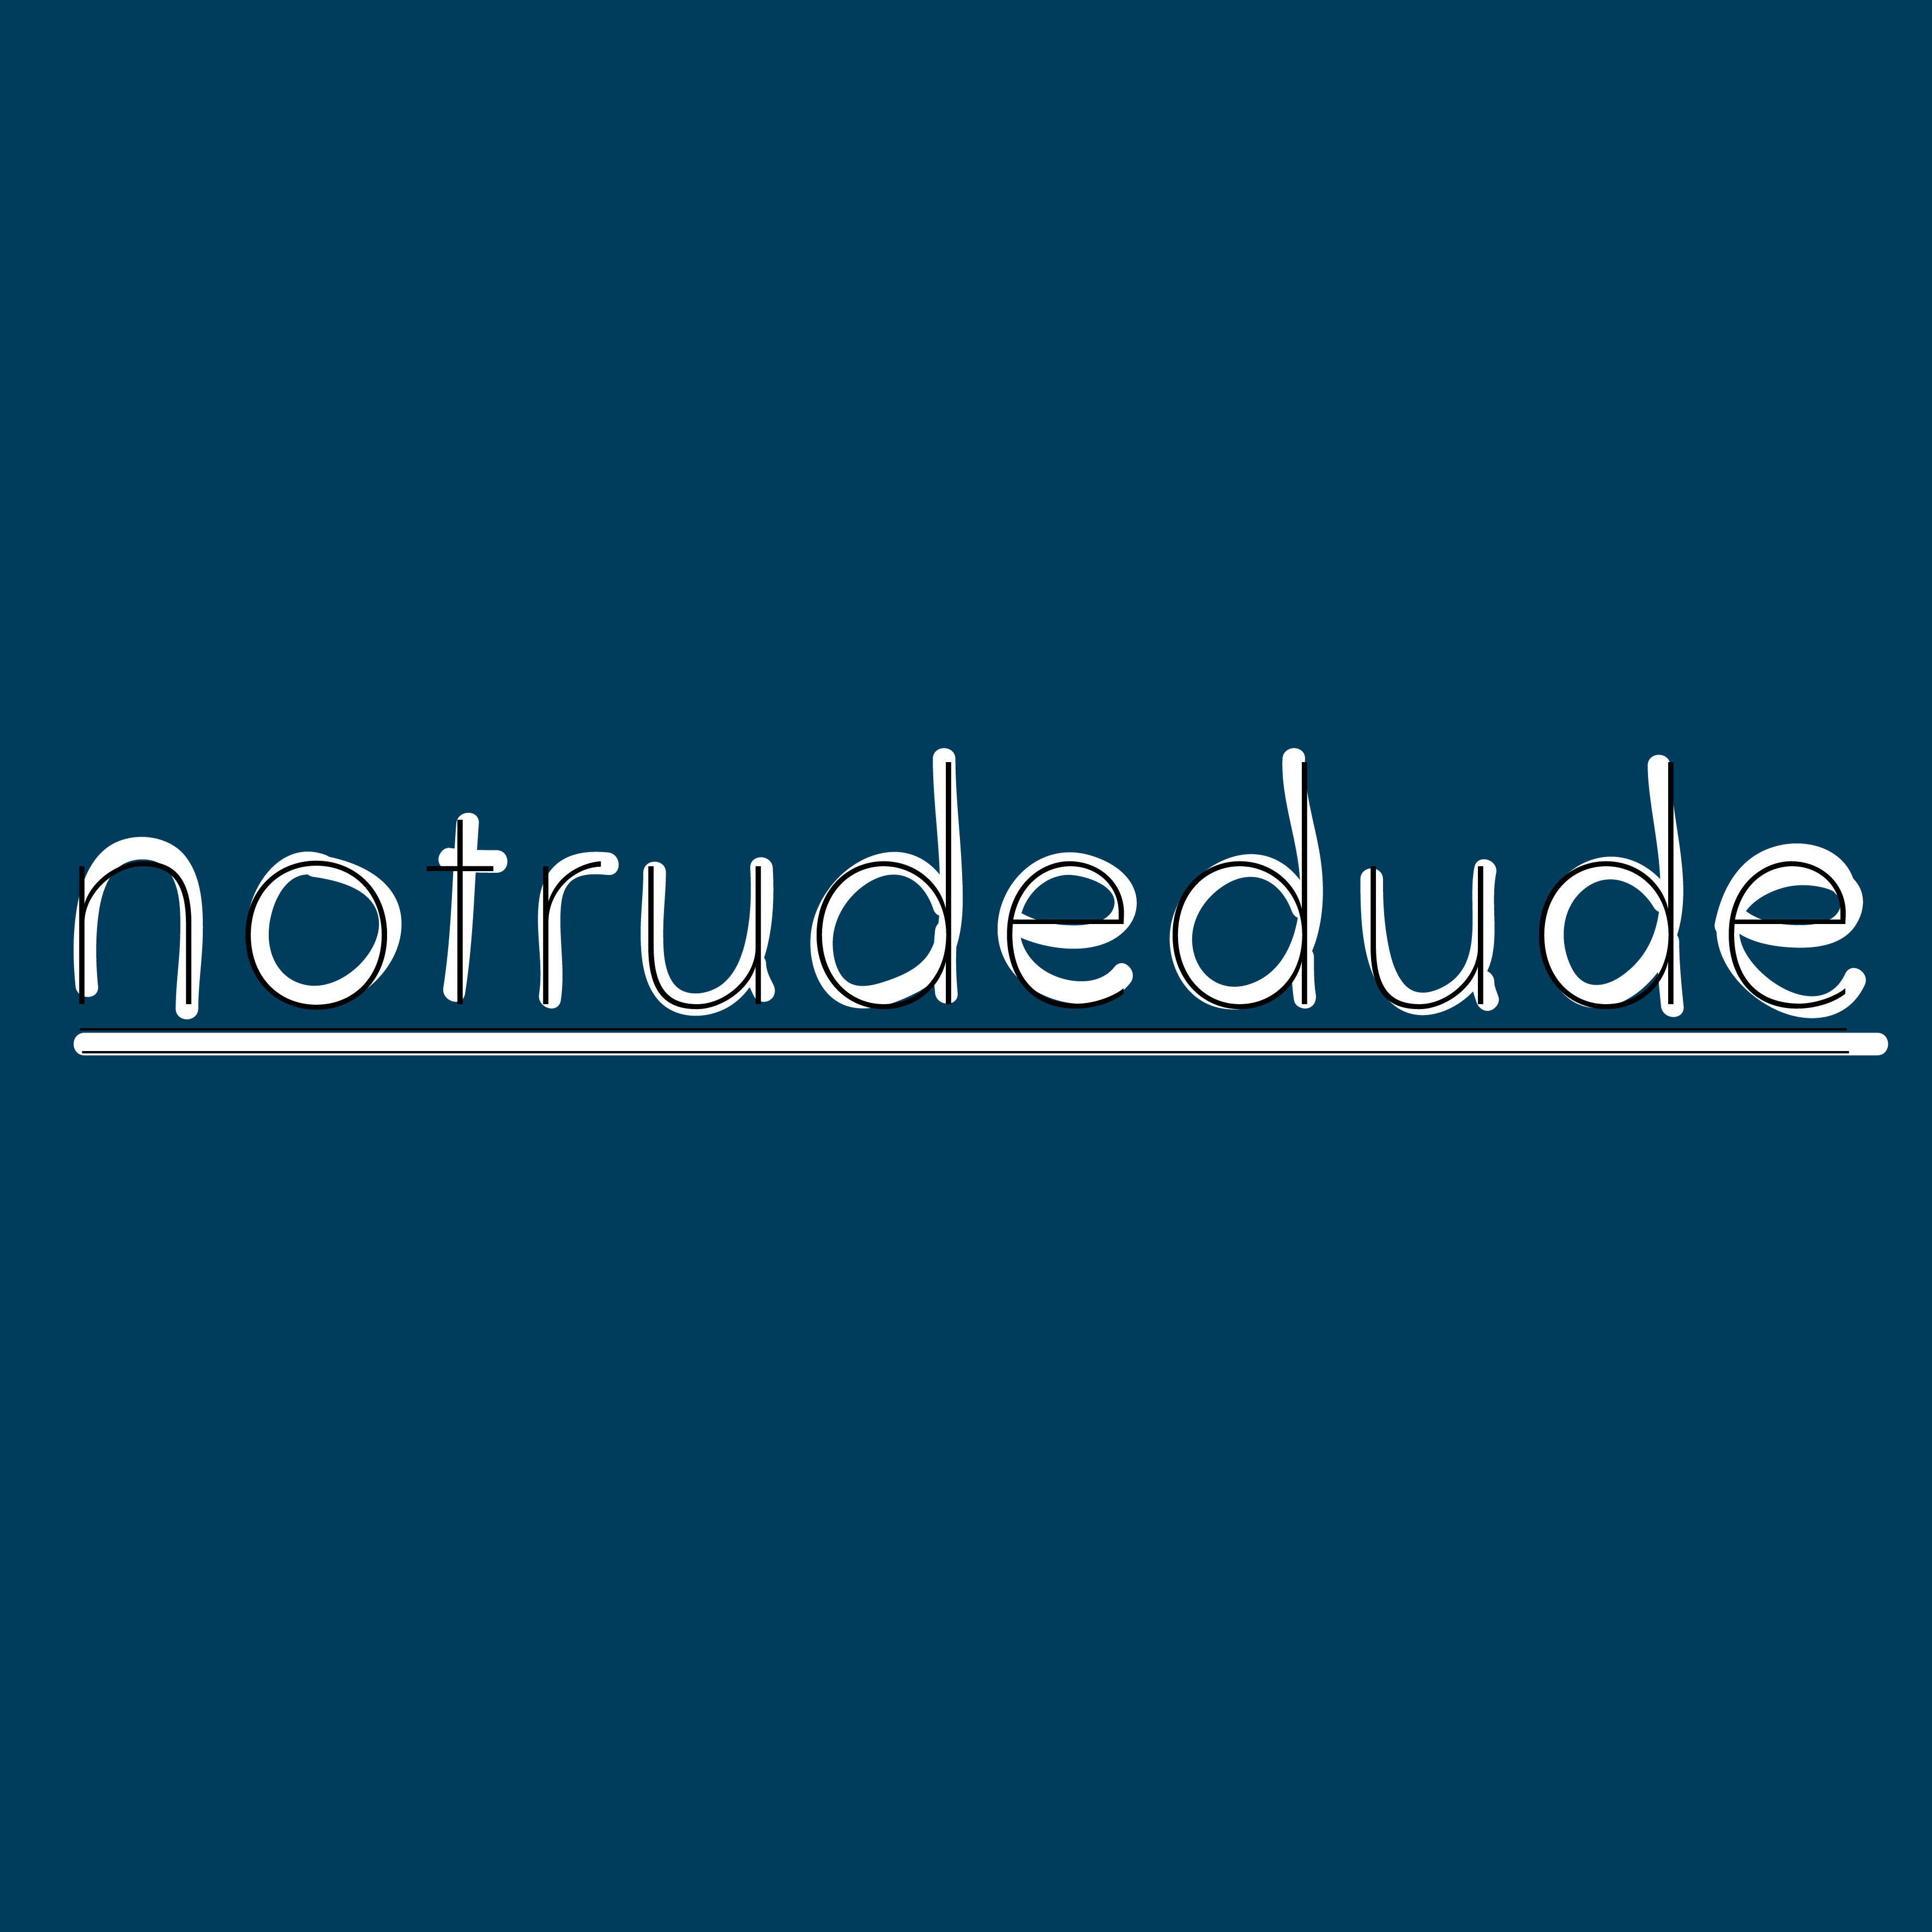 notrudedude